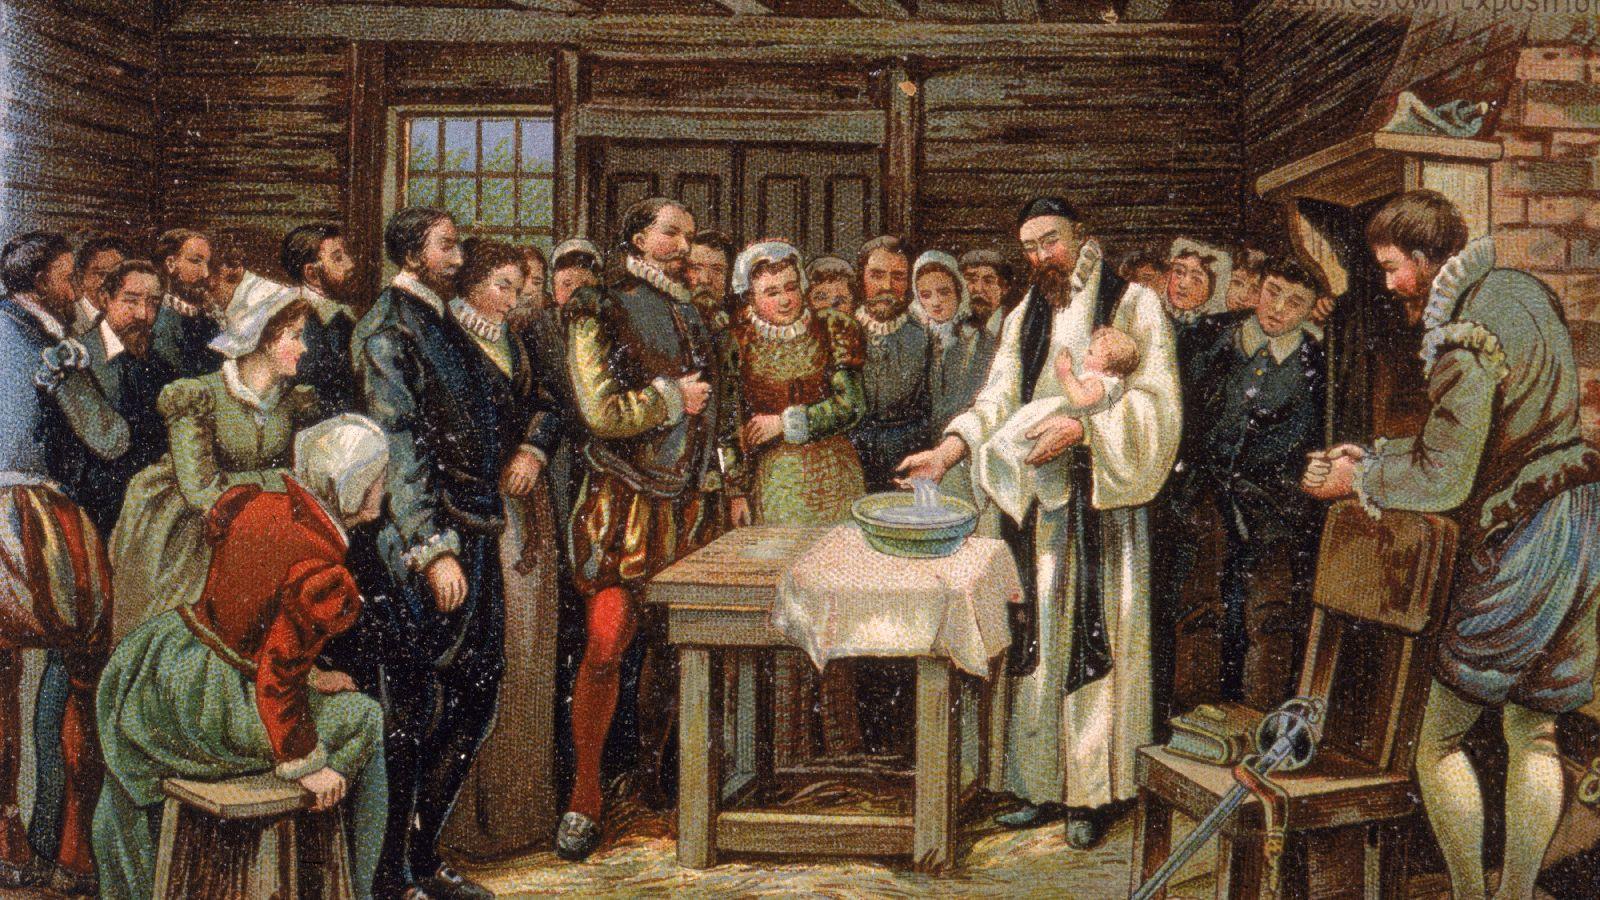 117 angol telepes tűnt el az Észak-Karolinához tartozó Roanoke-szigetről 1590-ben. John White a telep vezetője 1587-ben hagyta el a szigetet, hogy Angliába utazzon, de amikor 3 év múlva visszatért, a sziget teljesen üres volt. A kolónia mind a 117 lakójának nyoma veszett: egyetlen holttest vagy csont sem került elő a térségből. A házakat, építményeket, gátakat mind lebontották. A rejtélyre a mai napig nem sikerült magyarázatot találni. (Getty Images)